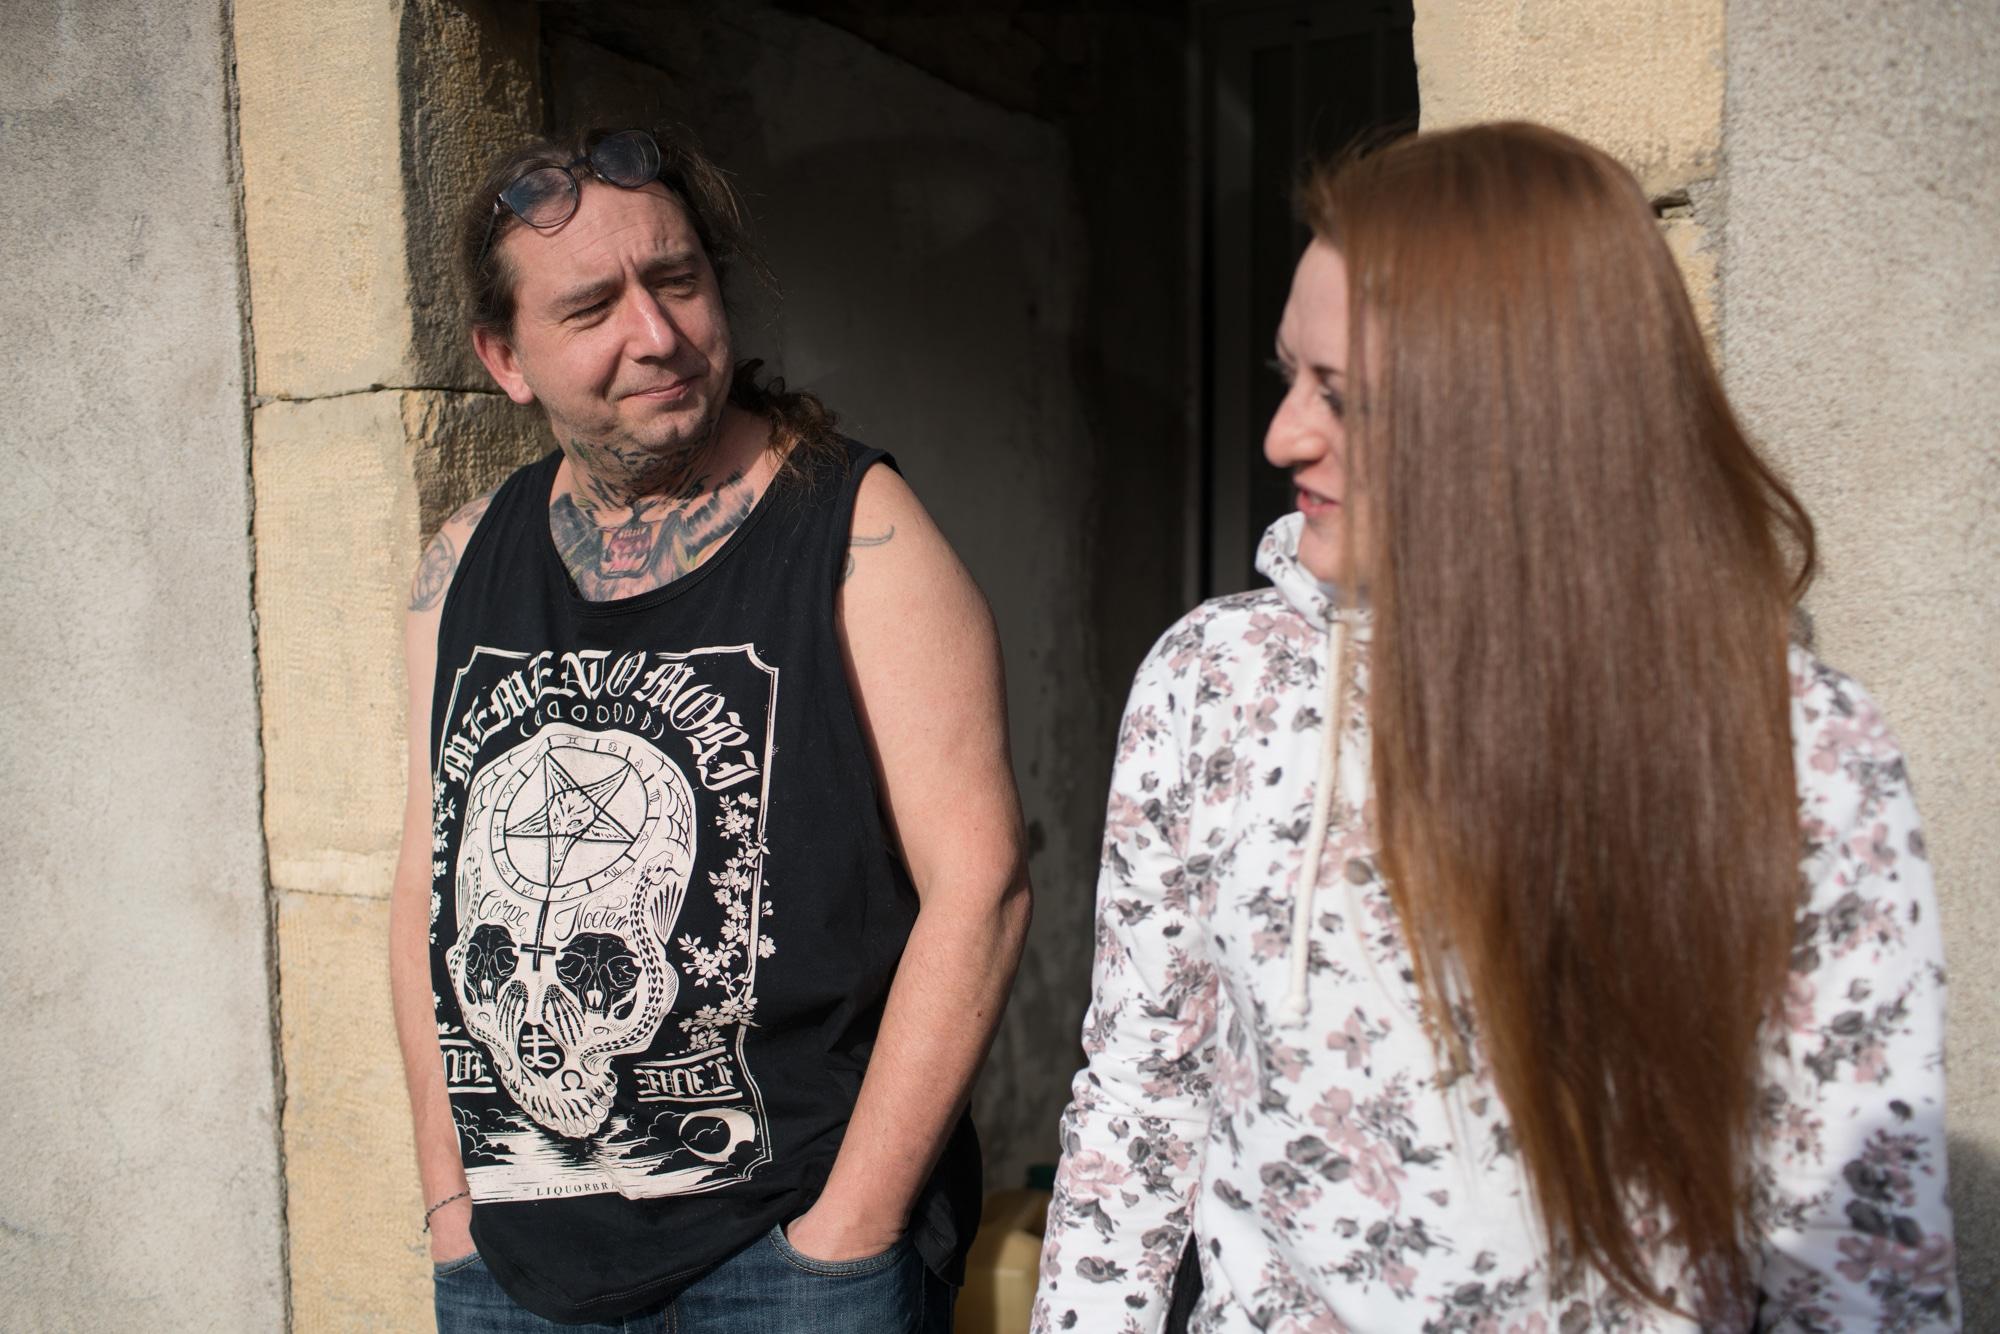 Damien et sa cliente discutent au soleil dans l'encadrement d'une porte exterieure